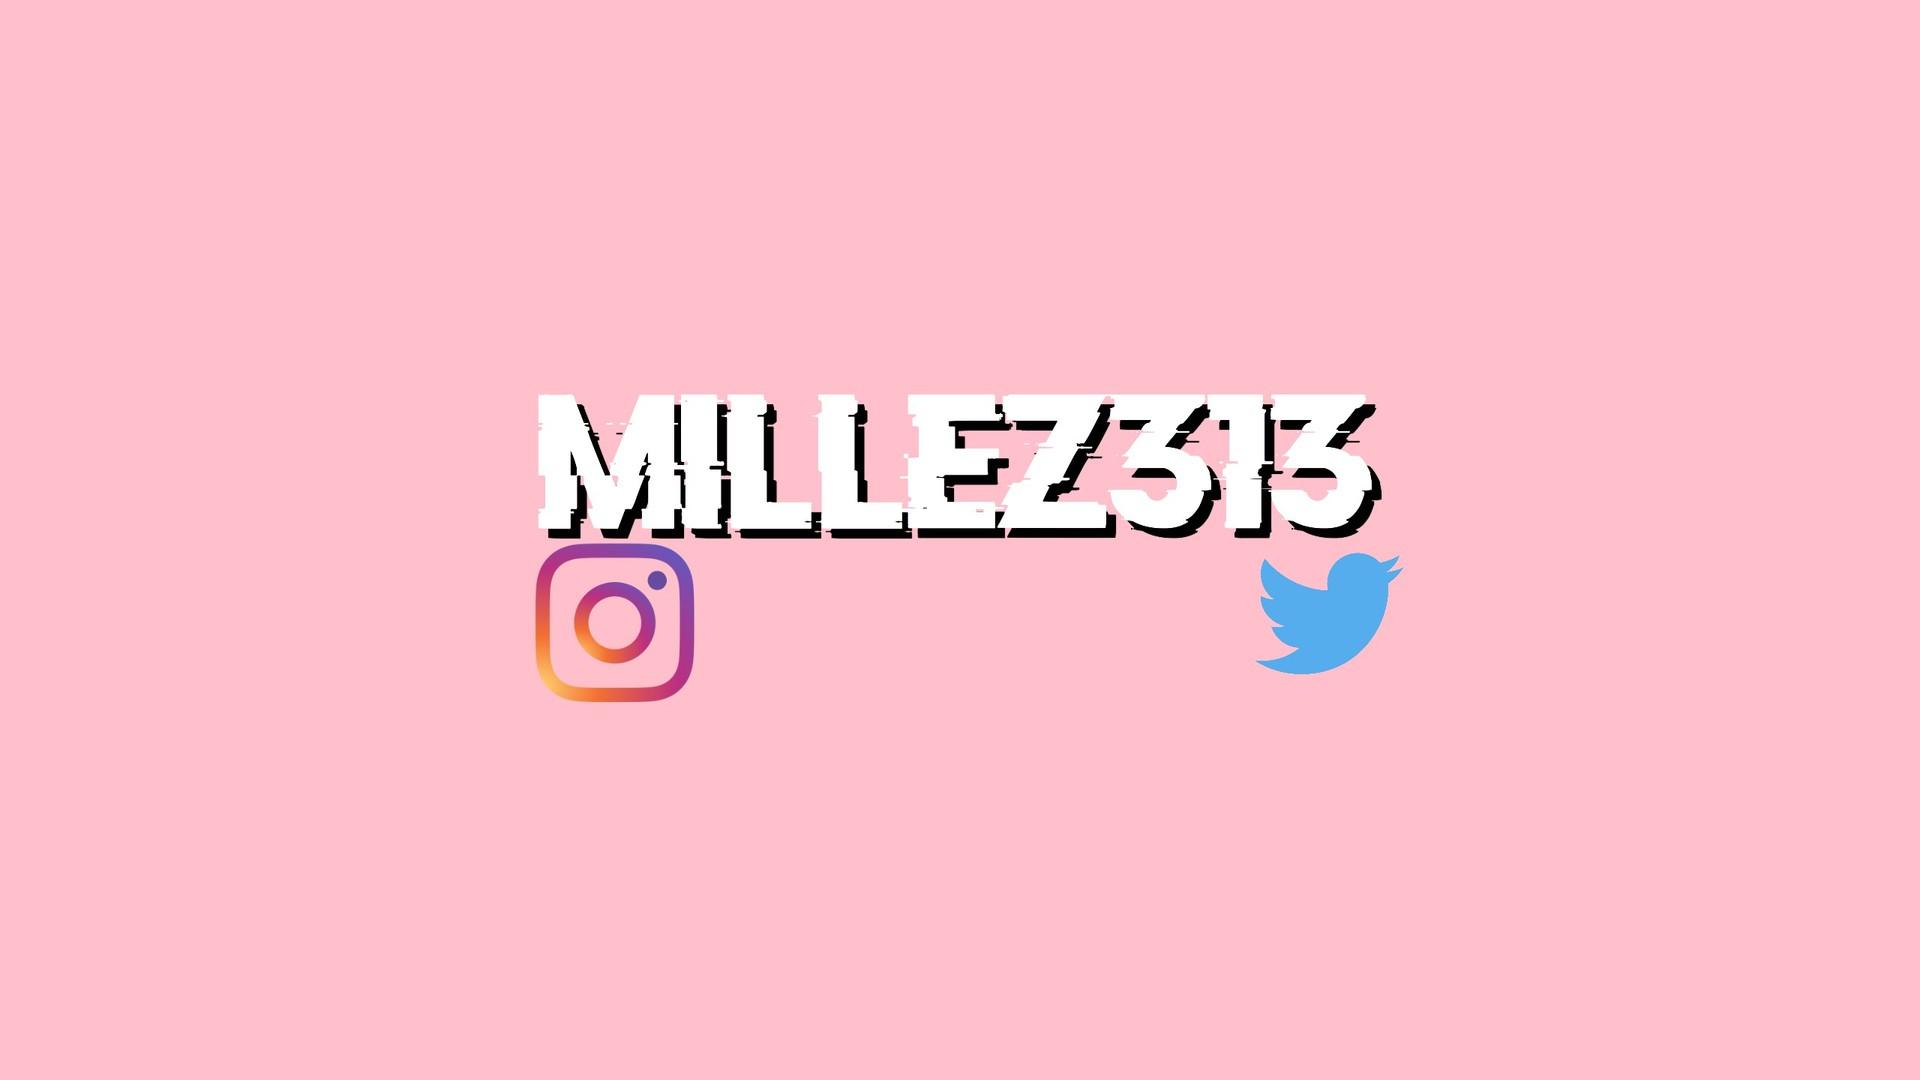 Millez313 Merch Store